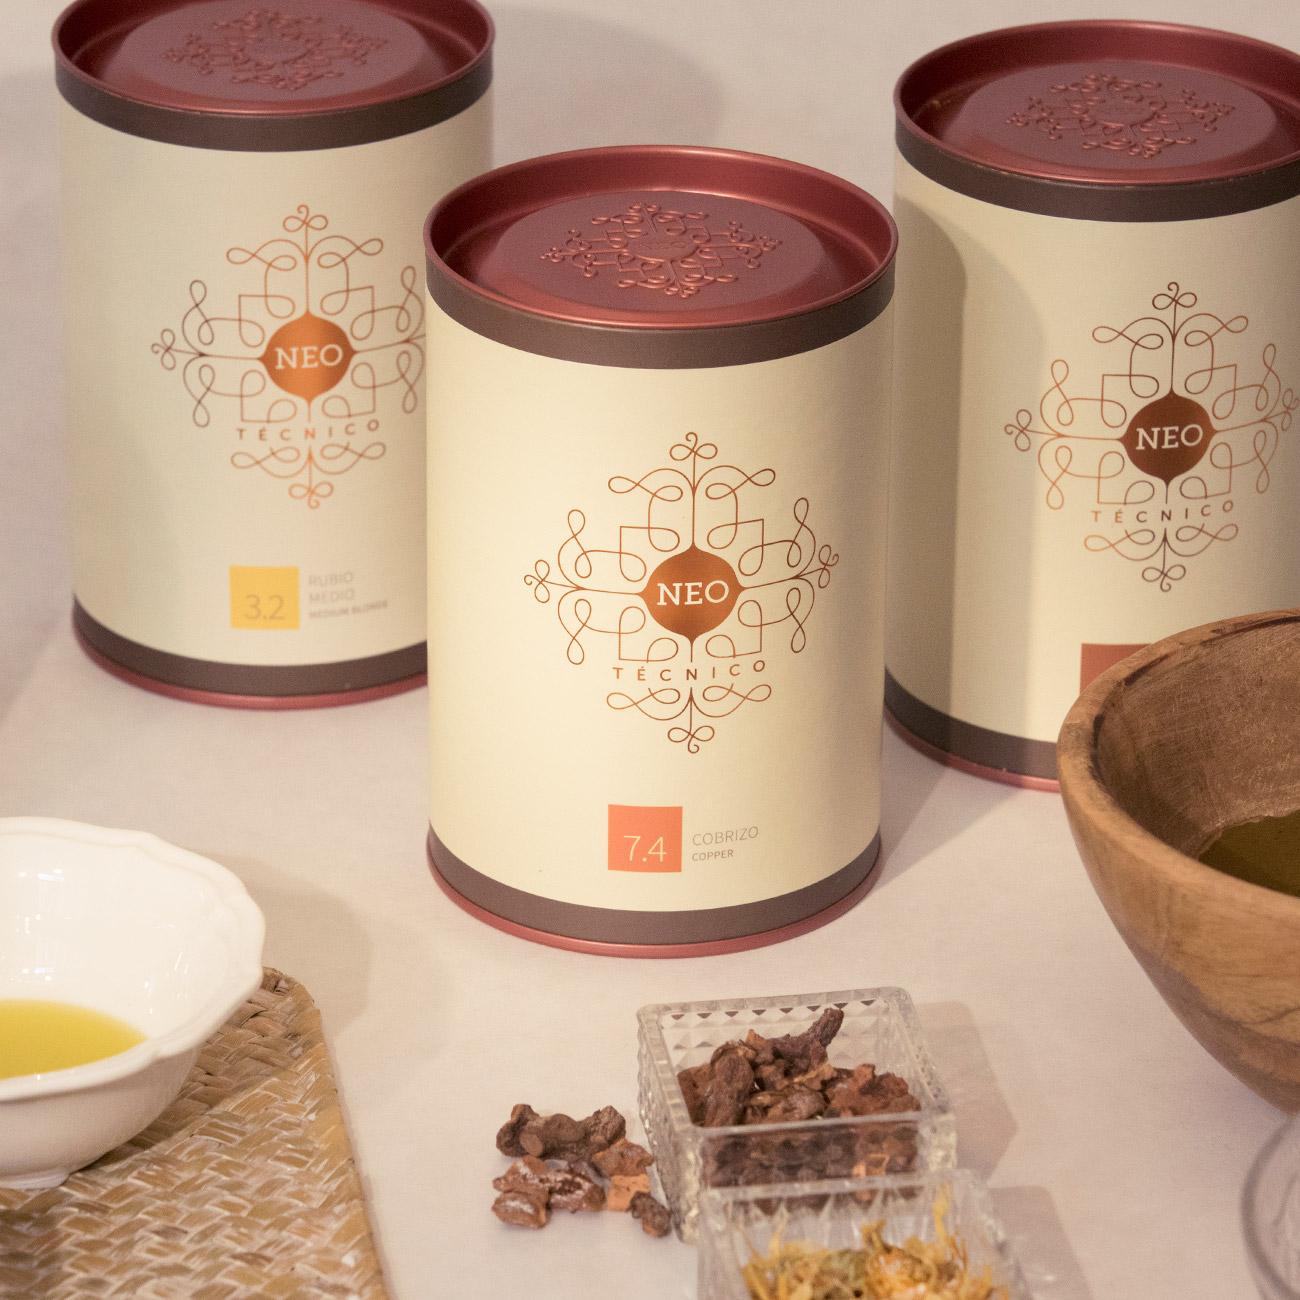 Packaging y PLV Barros Neo